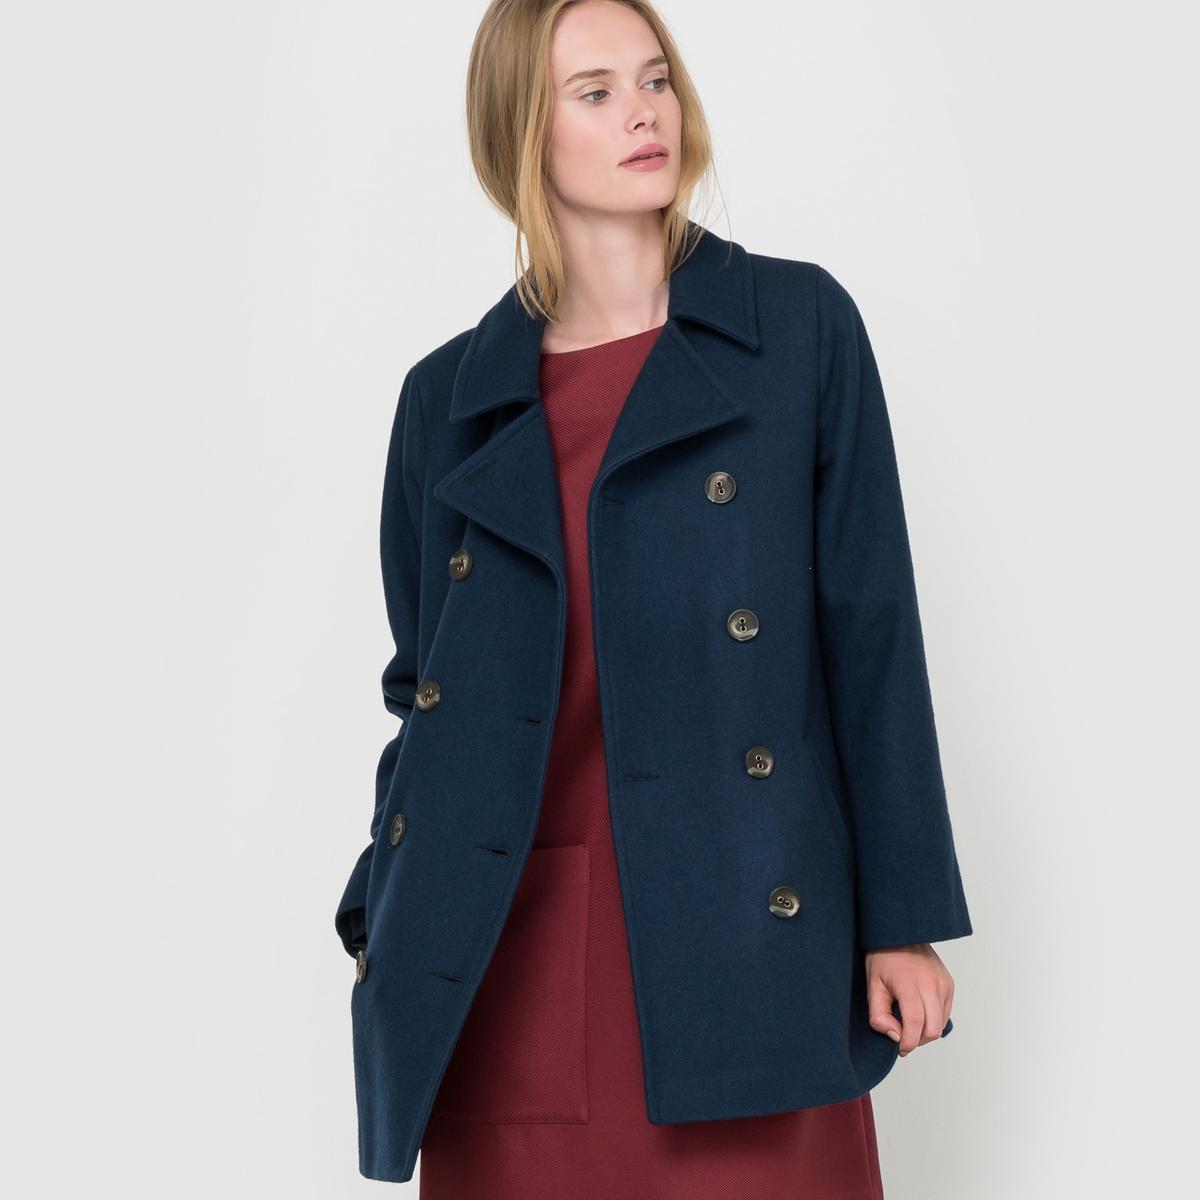 Куртка из шерстяного драпа Made in FranceКуртка из шерстяного драпа, произведенная во Франции . Гарантия высокого качества ! Длинные рукава. Пиджачный воротник. Двубортная застежка на пуговицы. Складка внутрь сзади. 2 кармана спереди.Состав и описаниеМатериал : Драп 70% шерсти, 15% полиэстера, 10% полиамида, 5% других волокон - Подкладка 100% полиэстера Длина : 75 смМарка : R essentiel.УходГладить при умеренной температуре- Сухая чистка.<br><br>Цвет: бордовый,синий морской<br>Размер: 38 (FR) - 44 (RUS).36 (FR) - 42 (RUS).36 (FR) - 42 (RUS).40 (FR) - 46 (RUS)